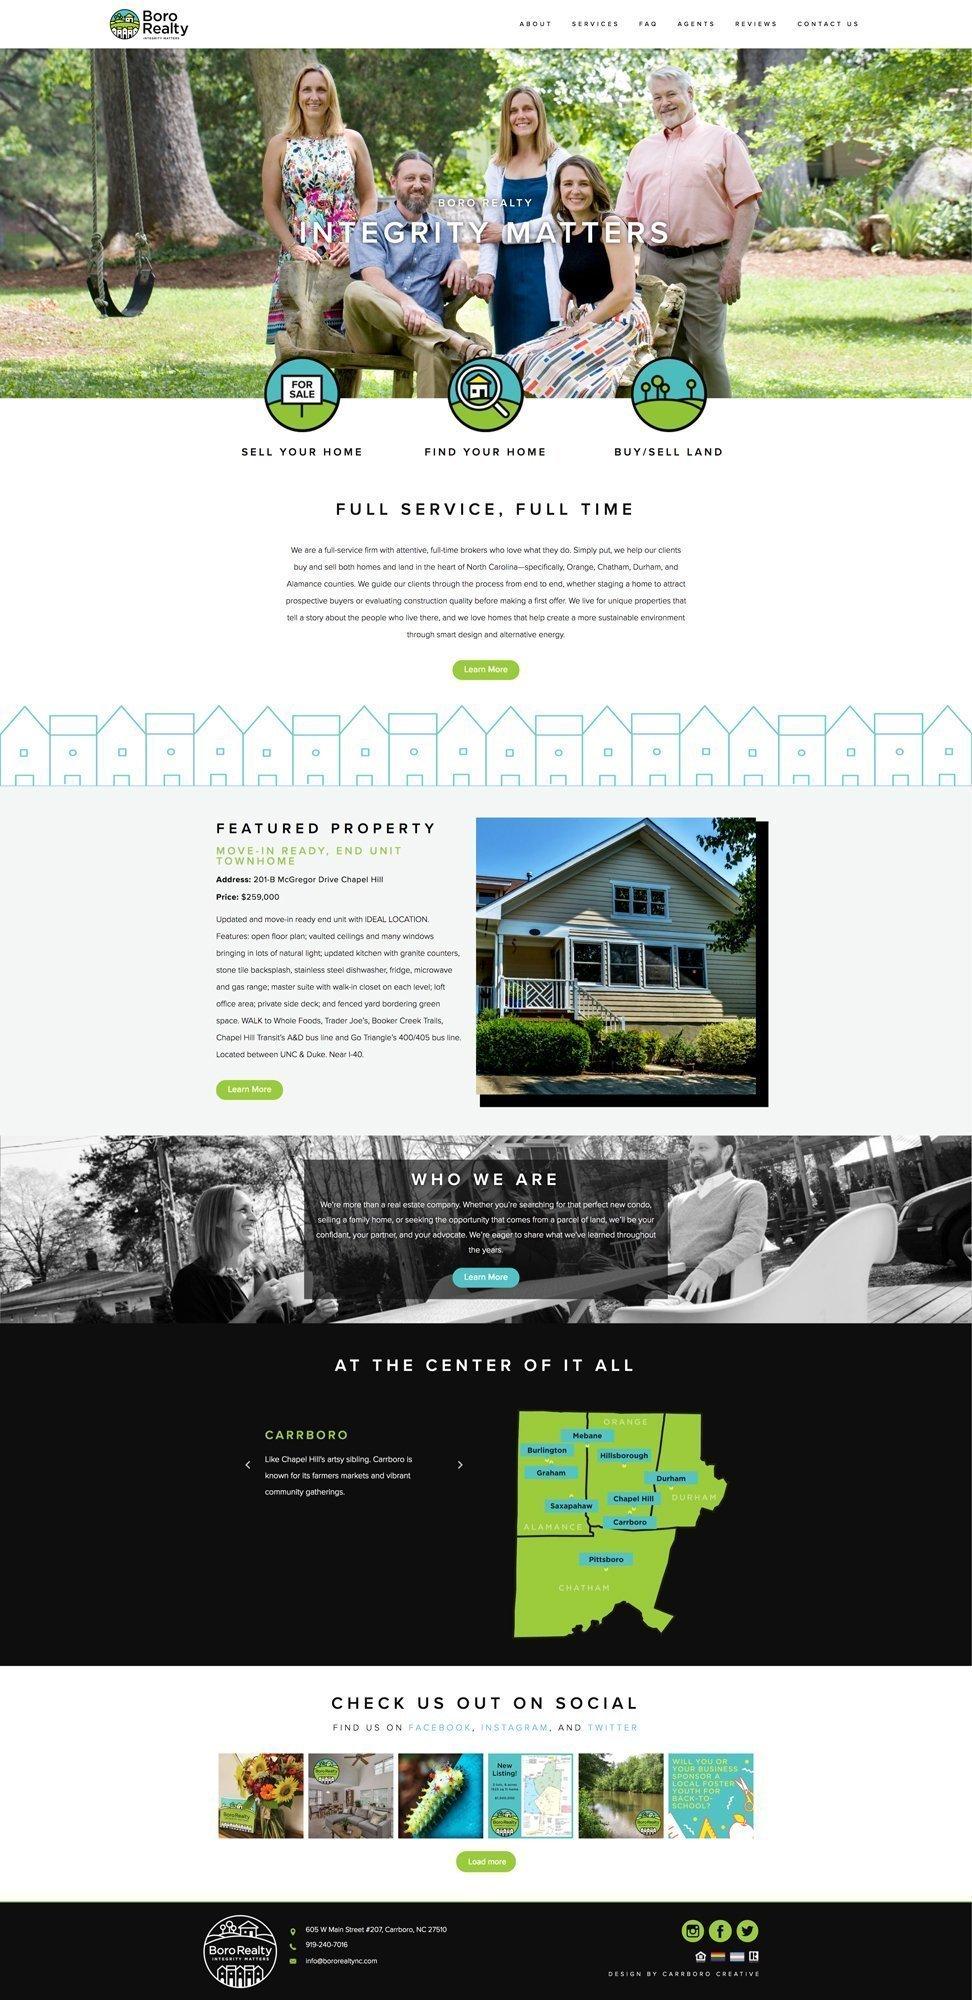 Boro-Home-page